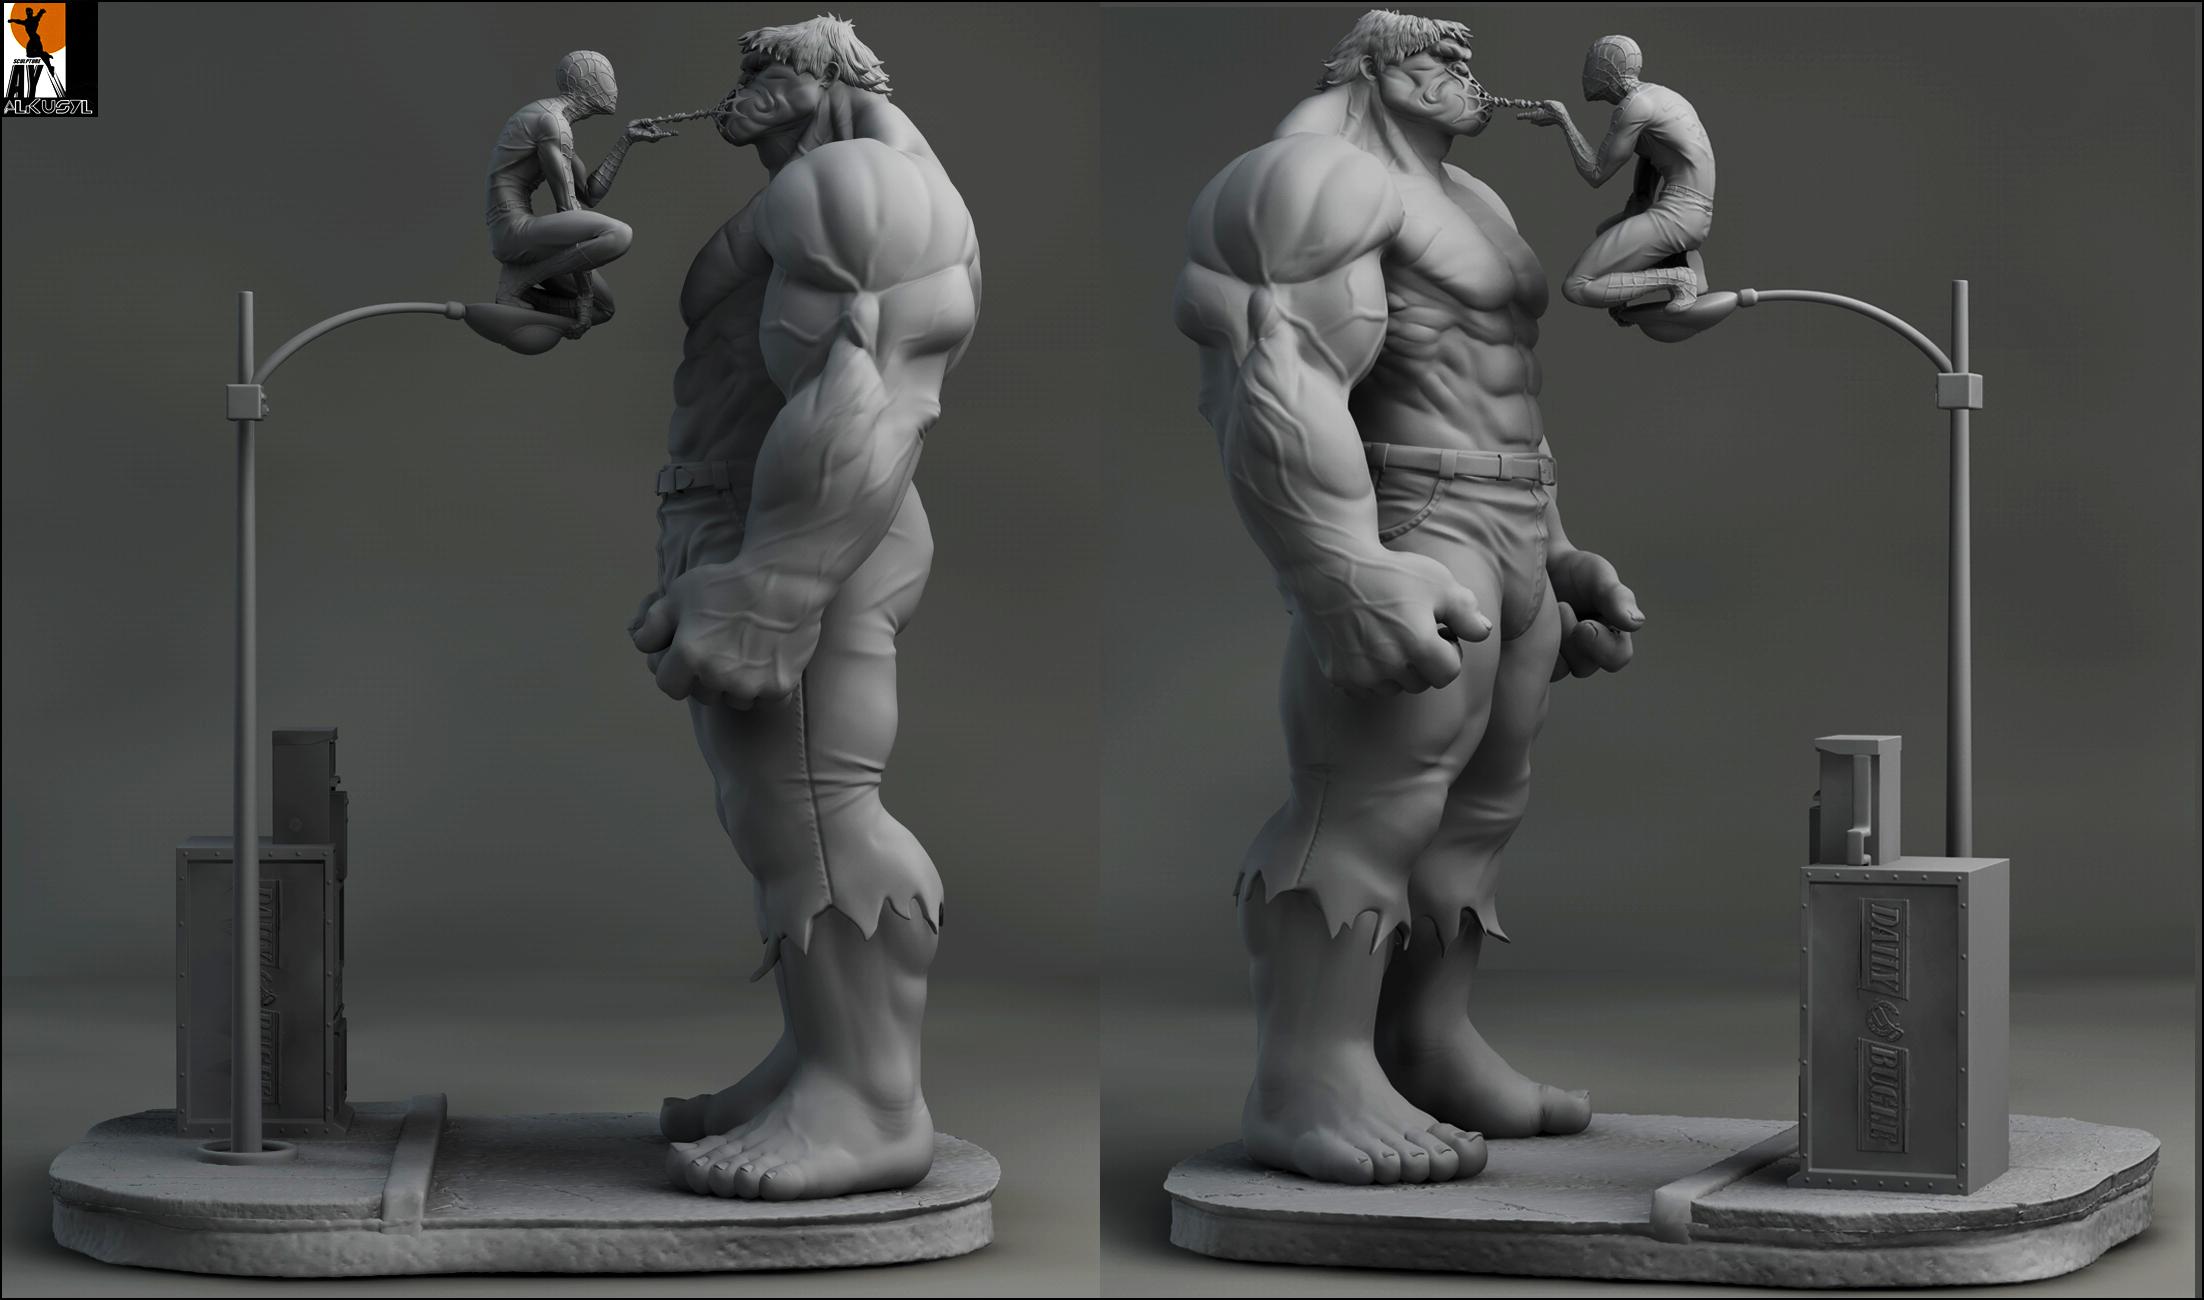 Hulkvs spidey